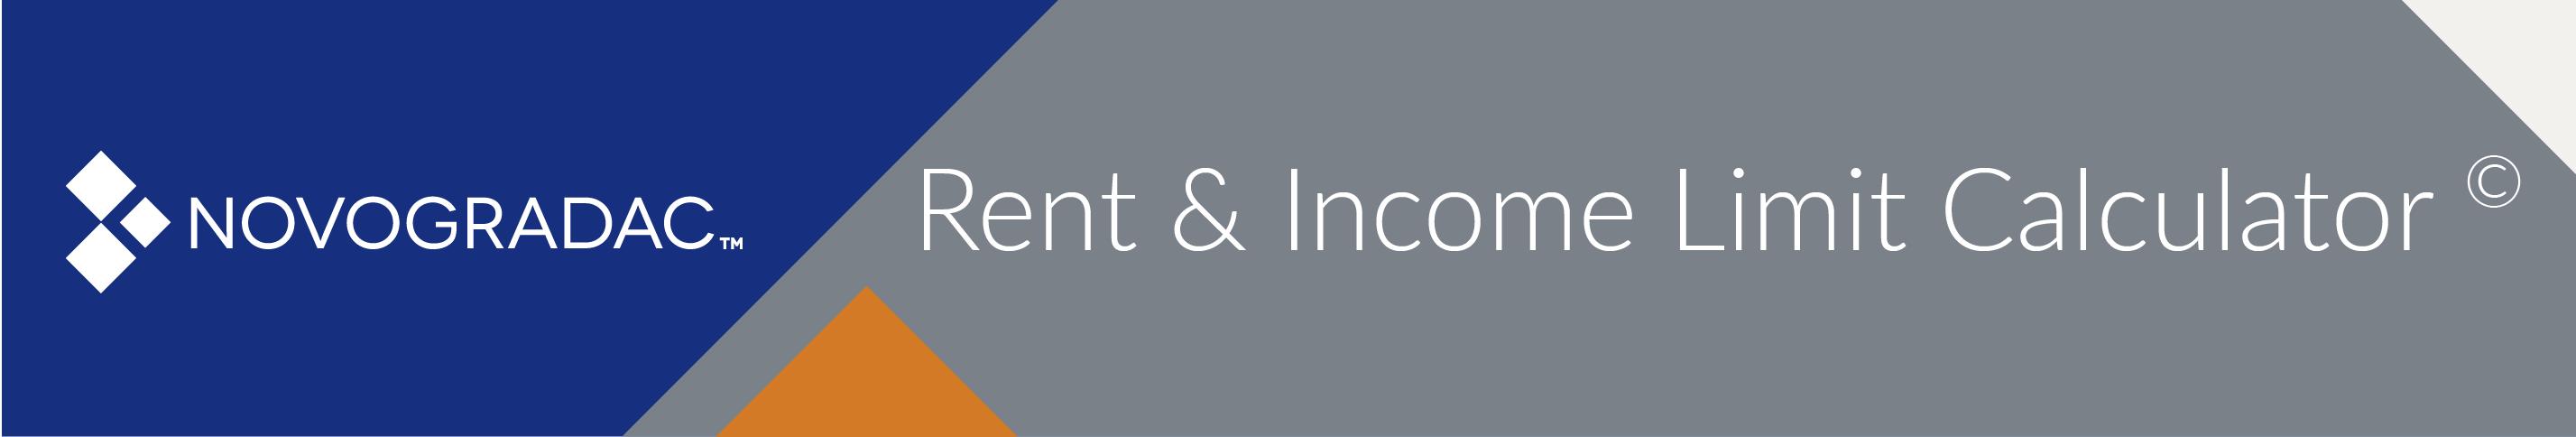 Novogradac Company Llp Rent Income Limit Calculator